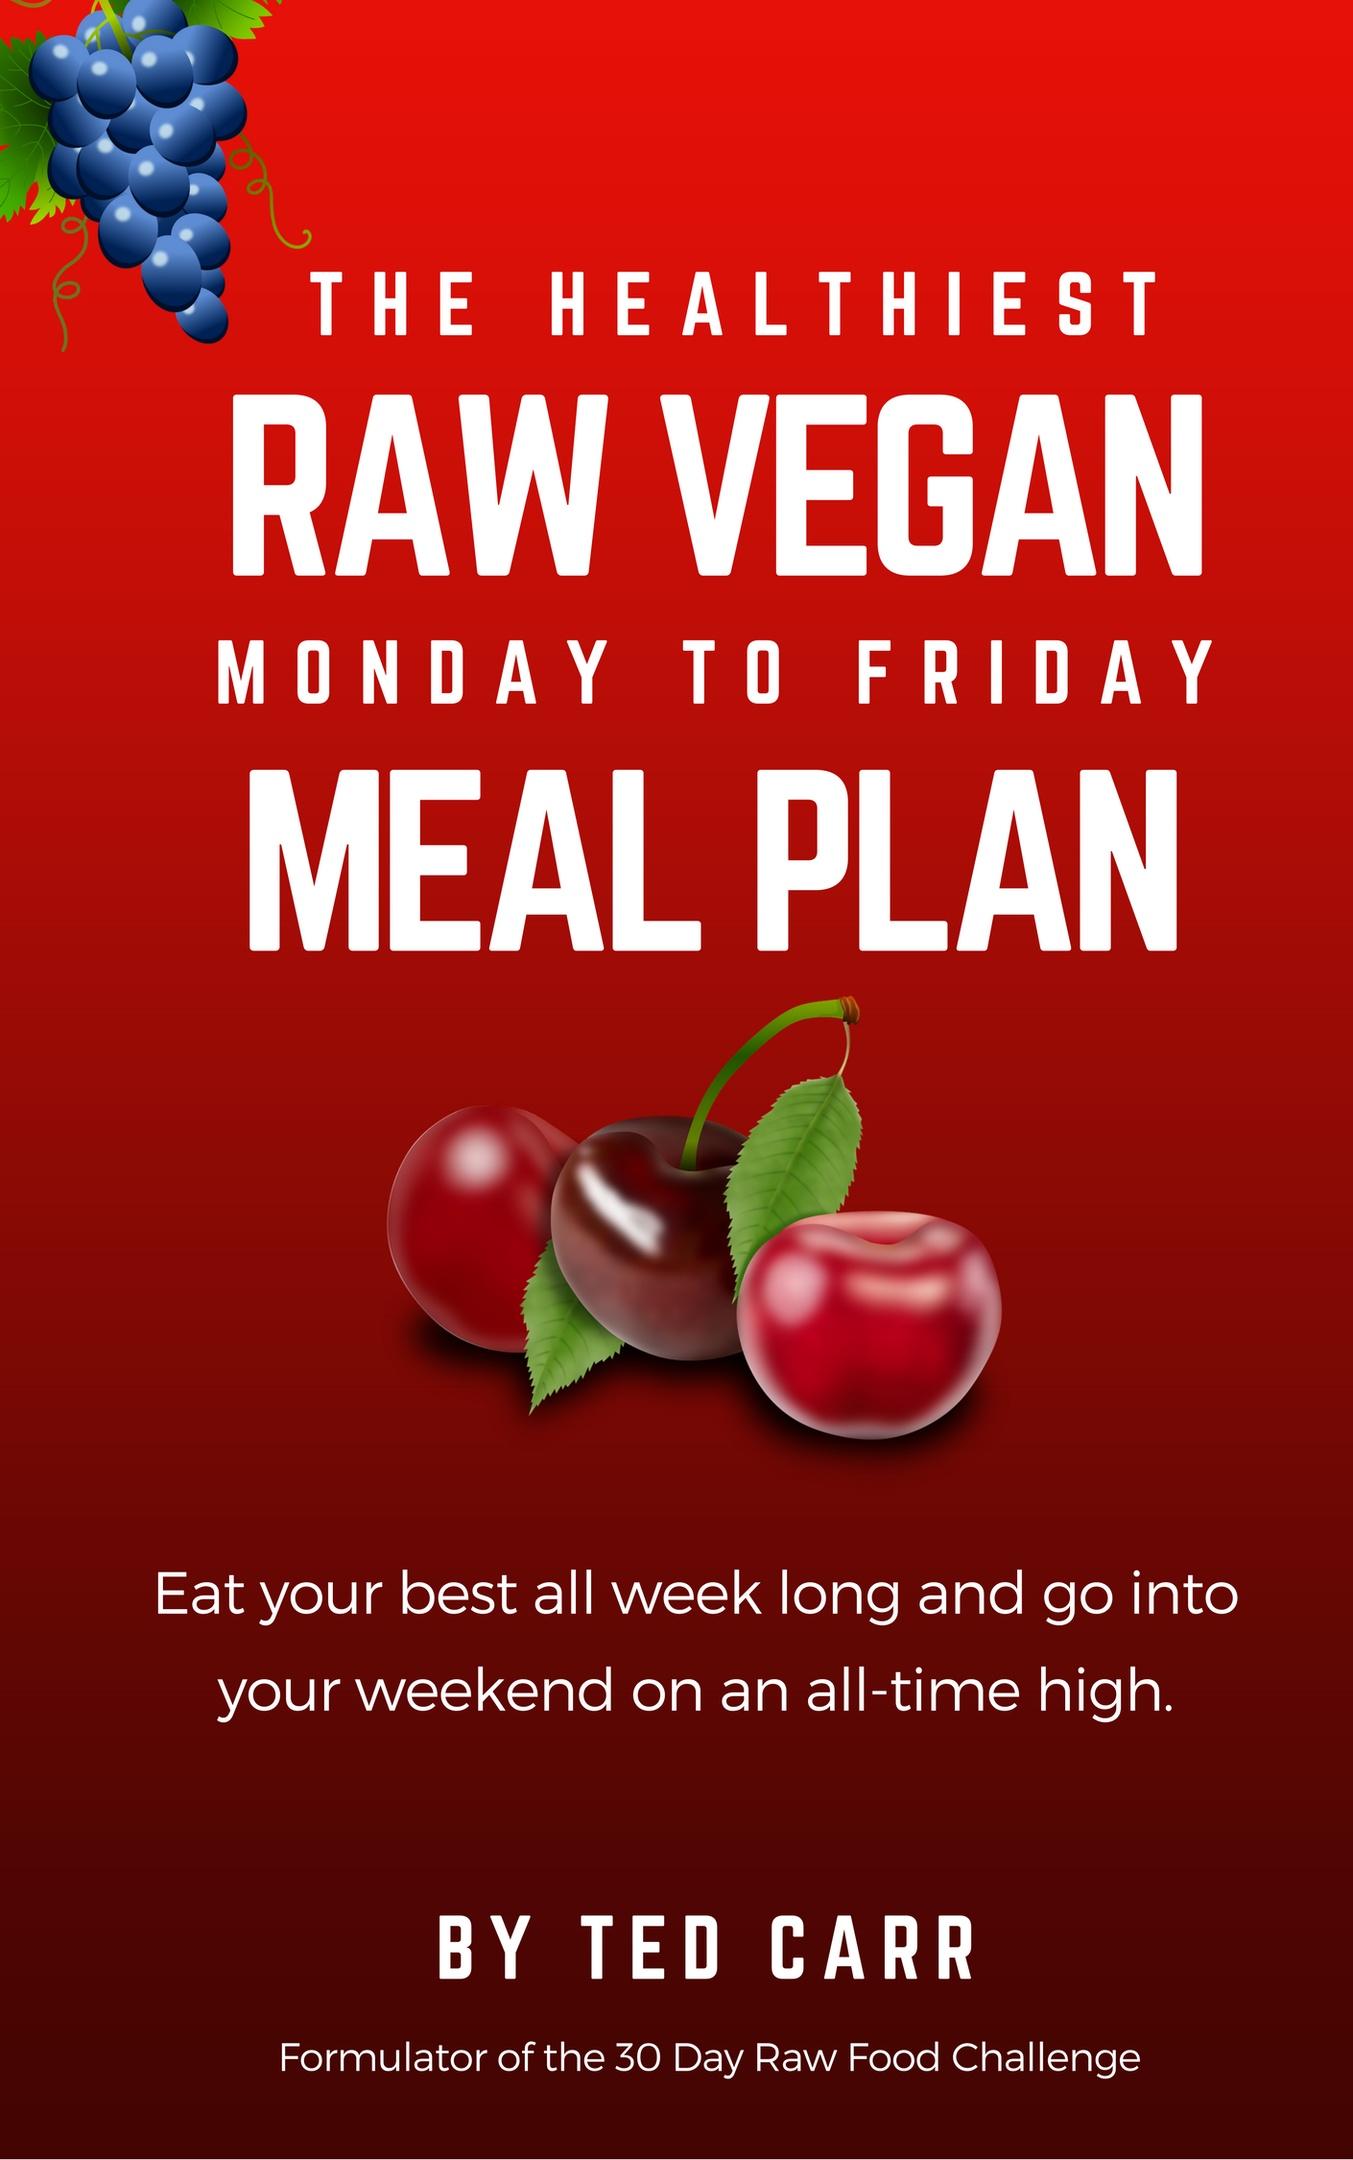 Raw Vegan Meal Plan